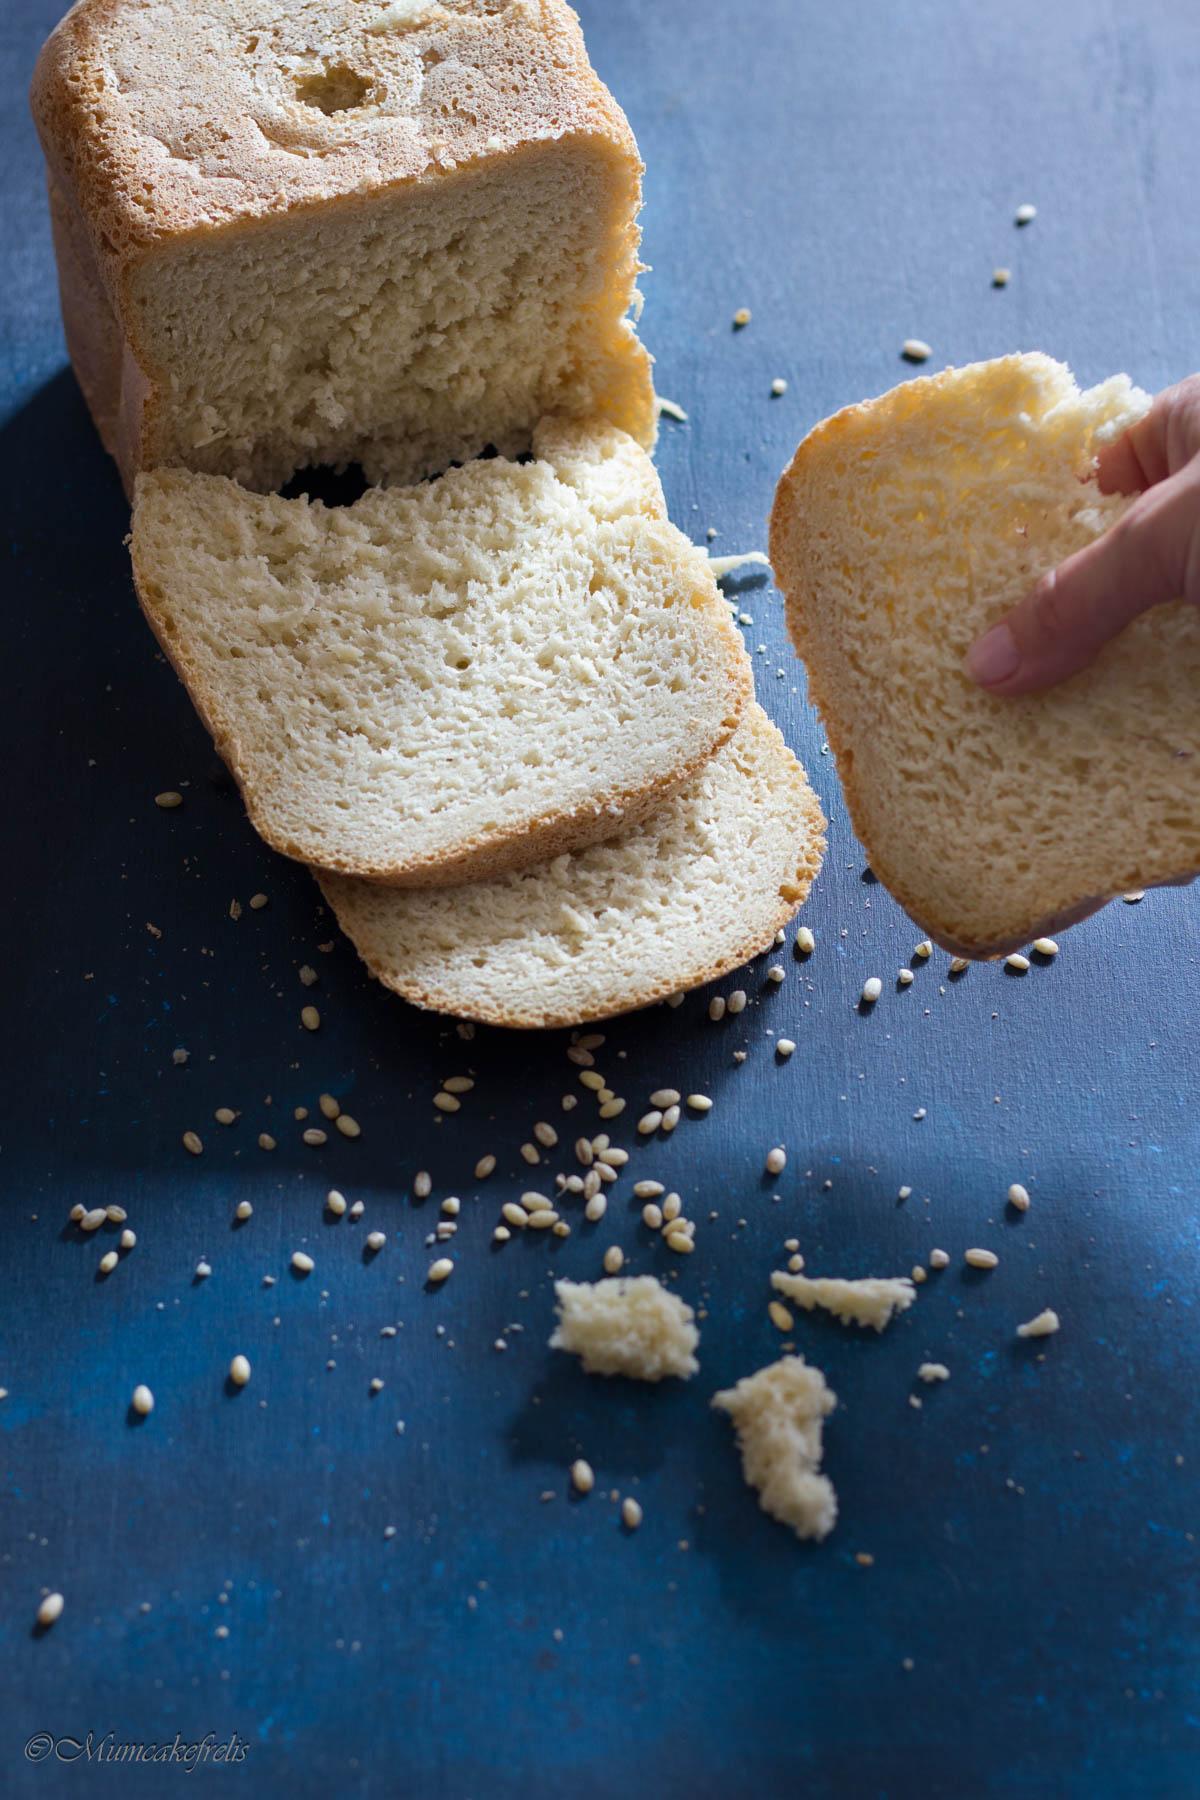 pane orzo e malto di riso